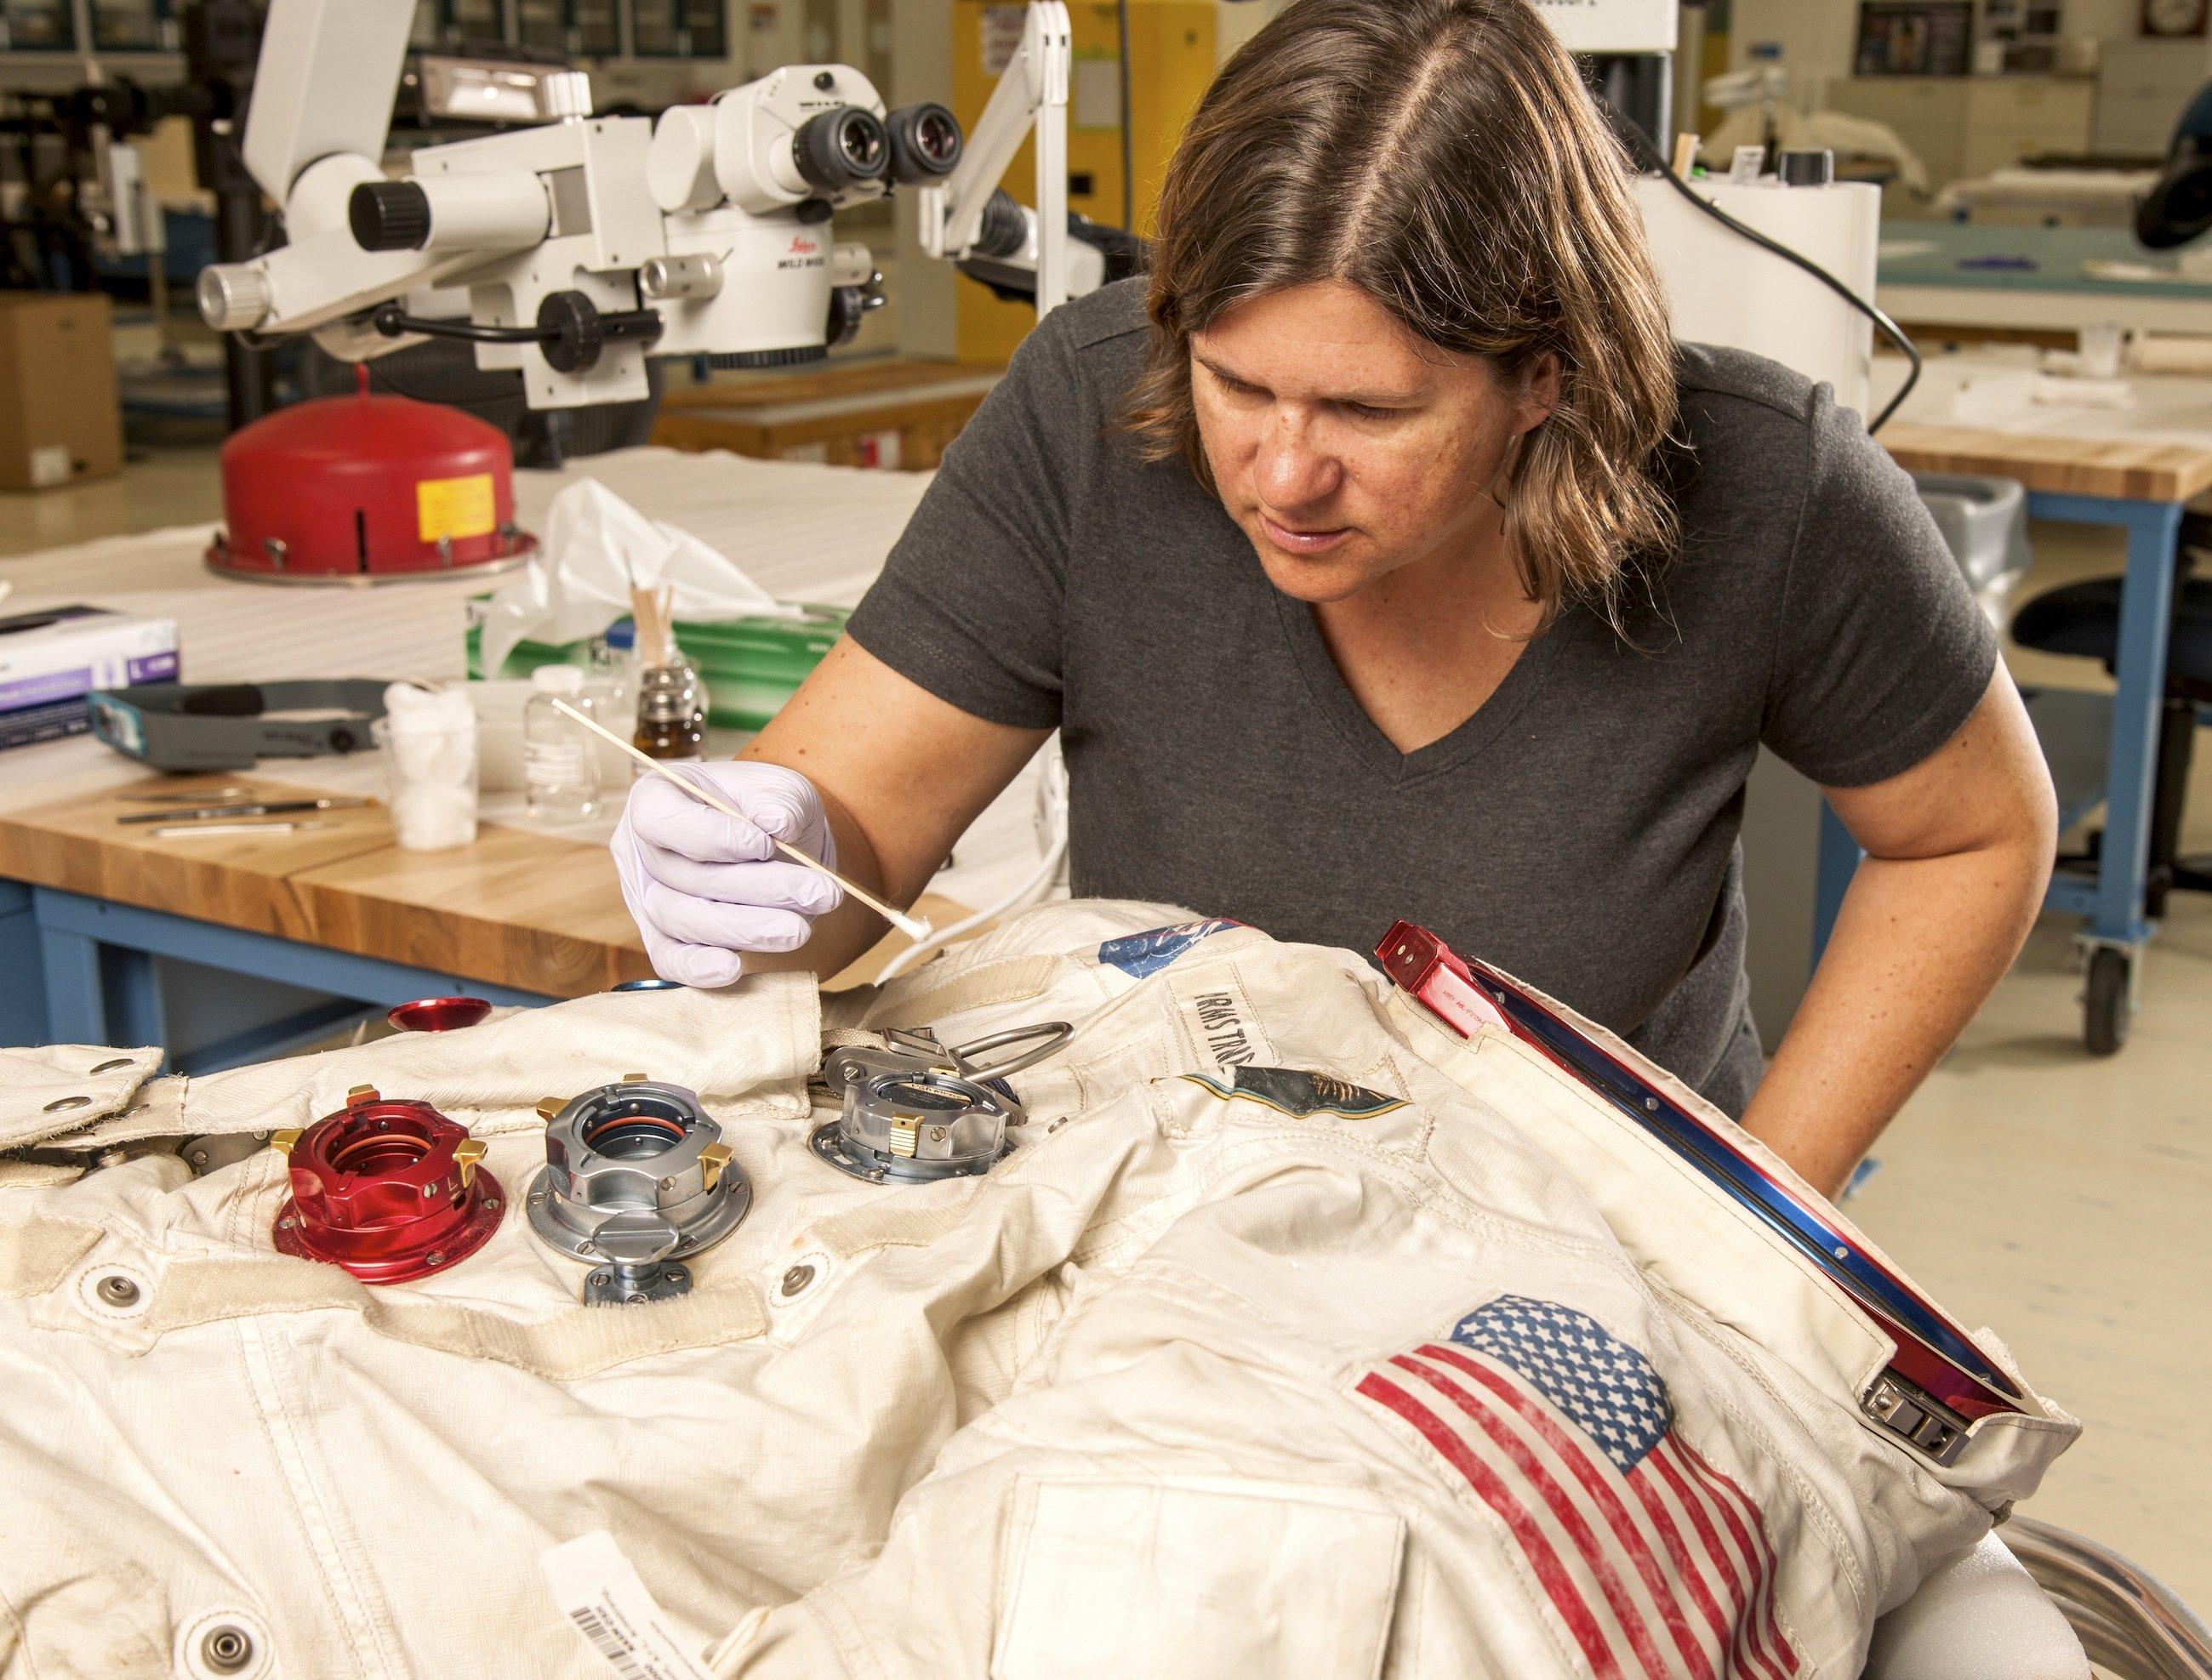 Sanierungsarbeit an Neil Armstrongs Raumanzug bei der Apollo-11-Mission: In vier Jahren soll der Anzug Herzstück einer großen Ausstellung über das 50. Jubiläum des ersten Menschen auf dem Mond sein.